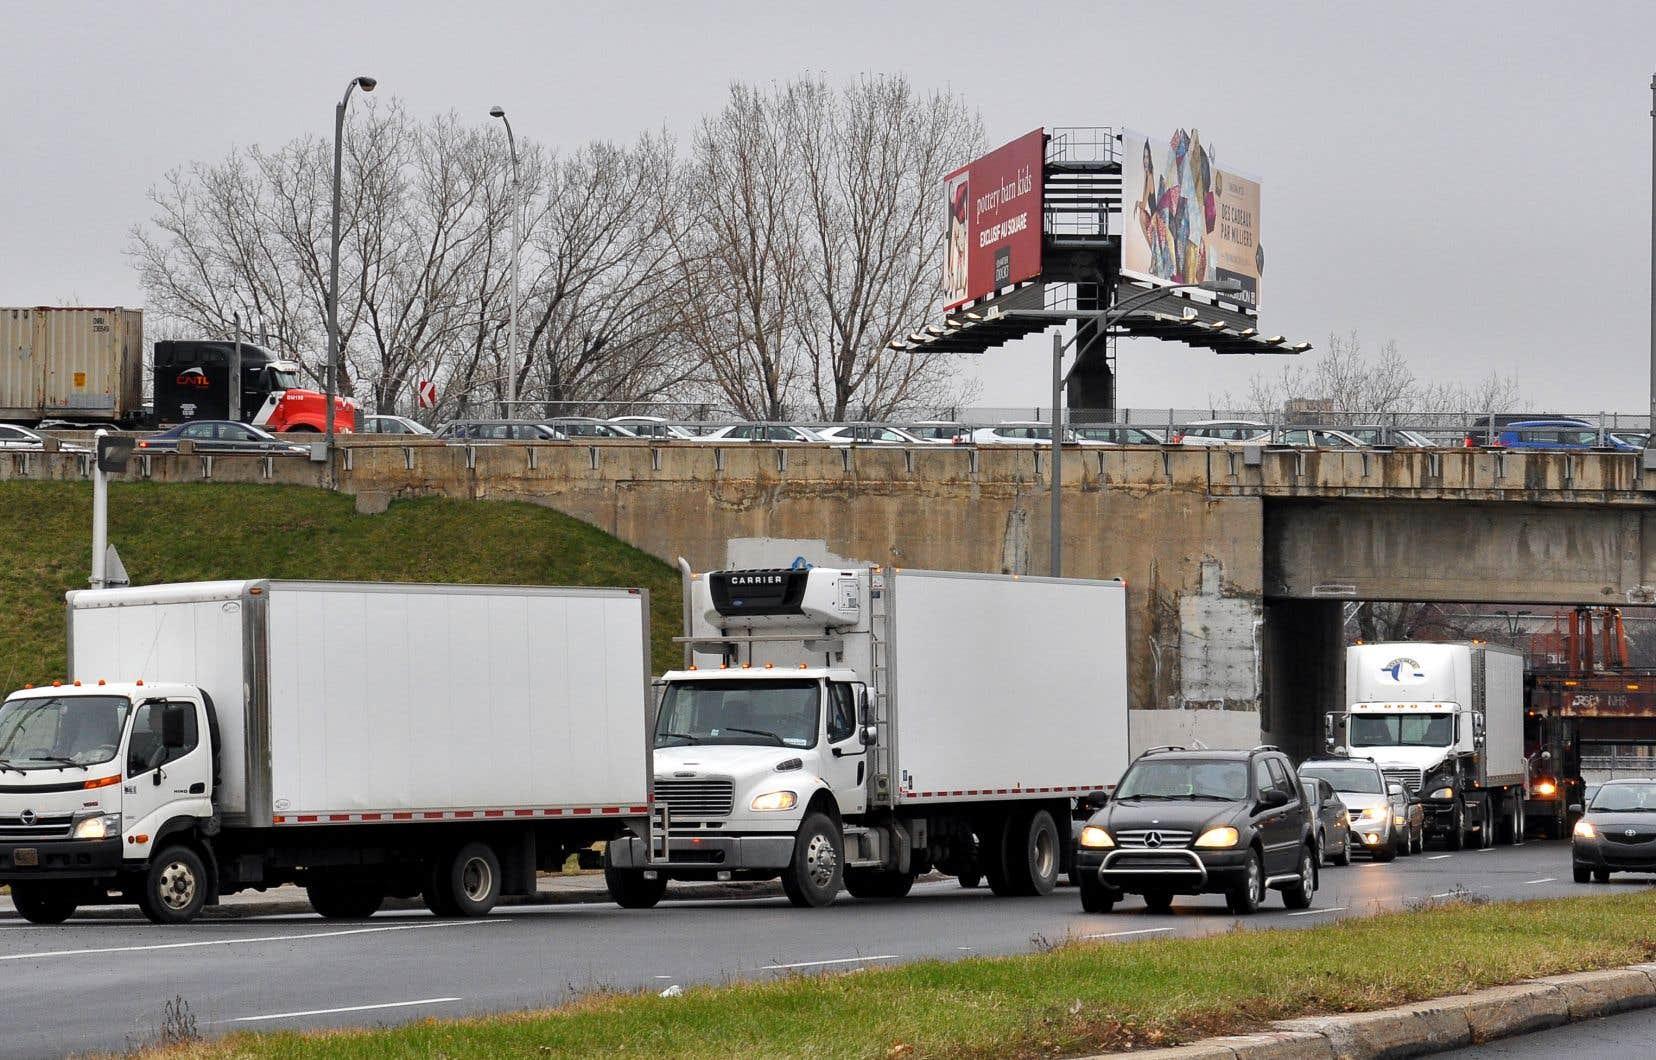 À Montréal, des centaines de milliers de personnes subissent leur part de problèmes de congestion routière en se demandant ce qui cloche avec le parti nouvellement au pouvoir, estime l'auteur.